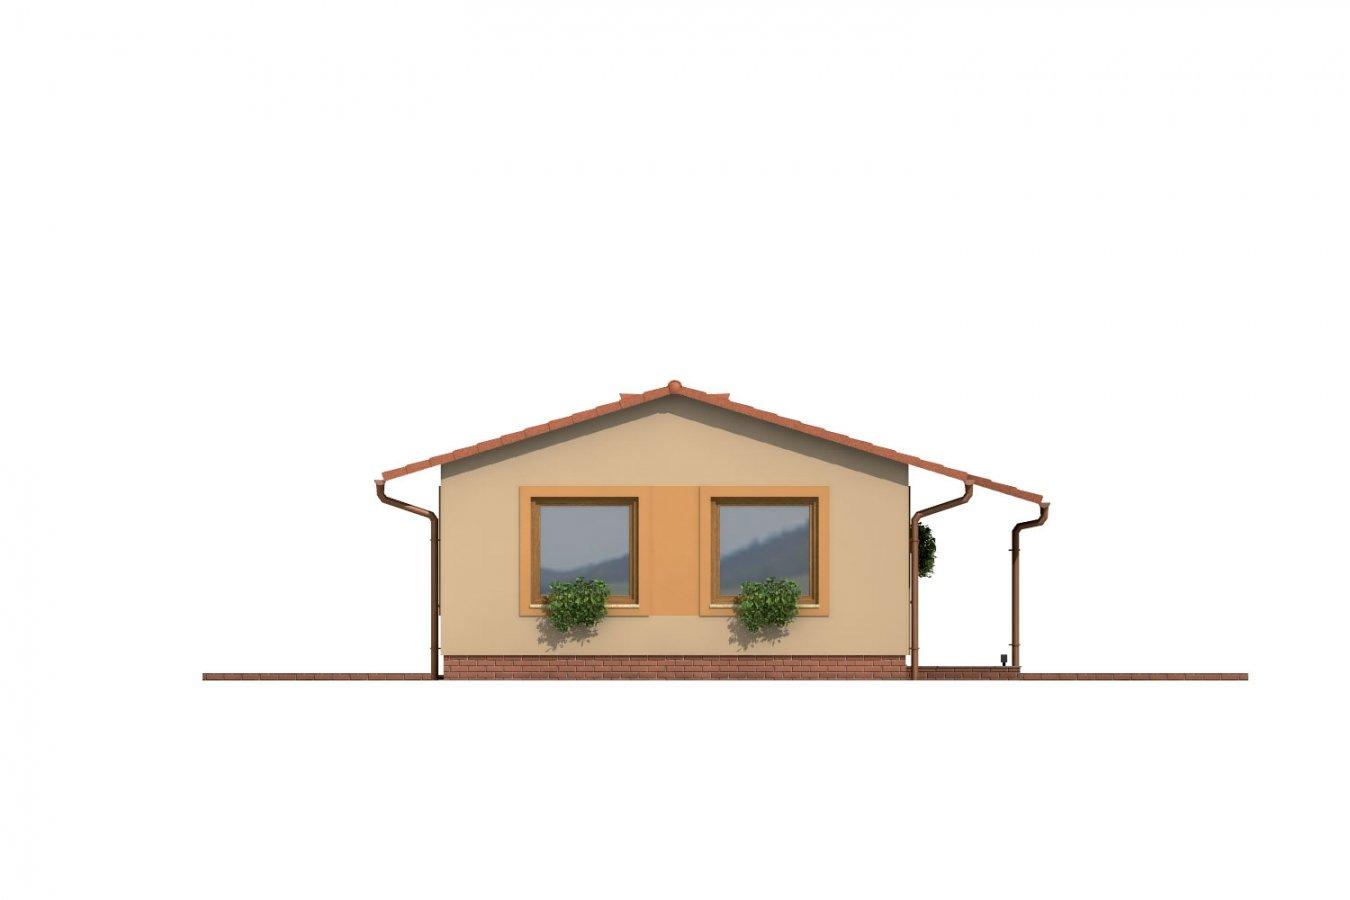 Pohľad 2. - Dom so sedlovou strechou vhodný na úzky pozemok.